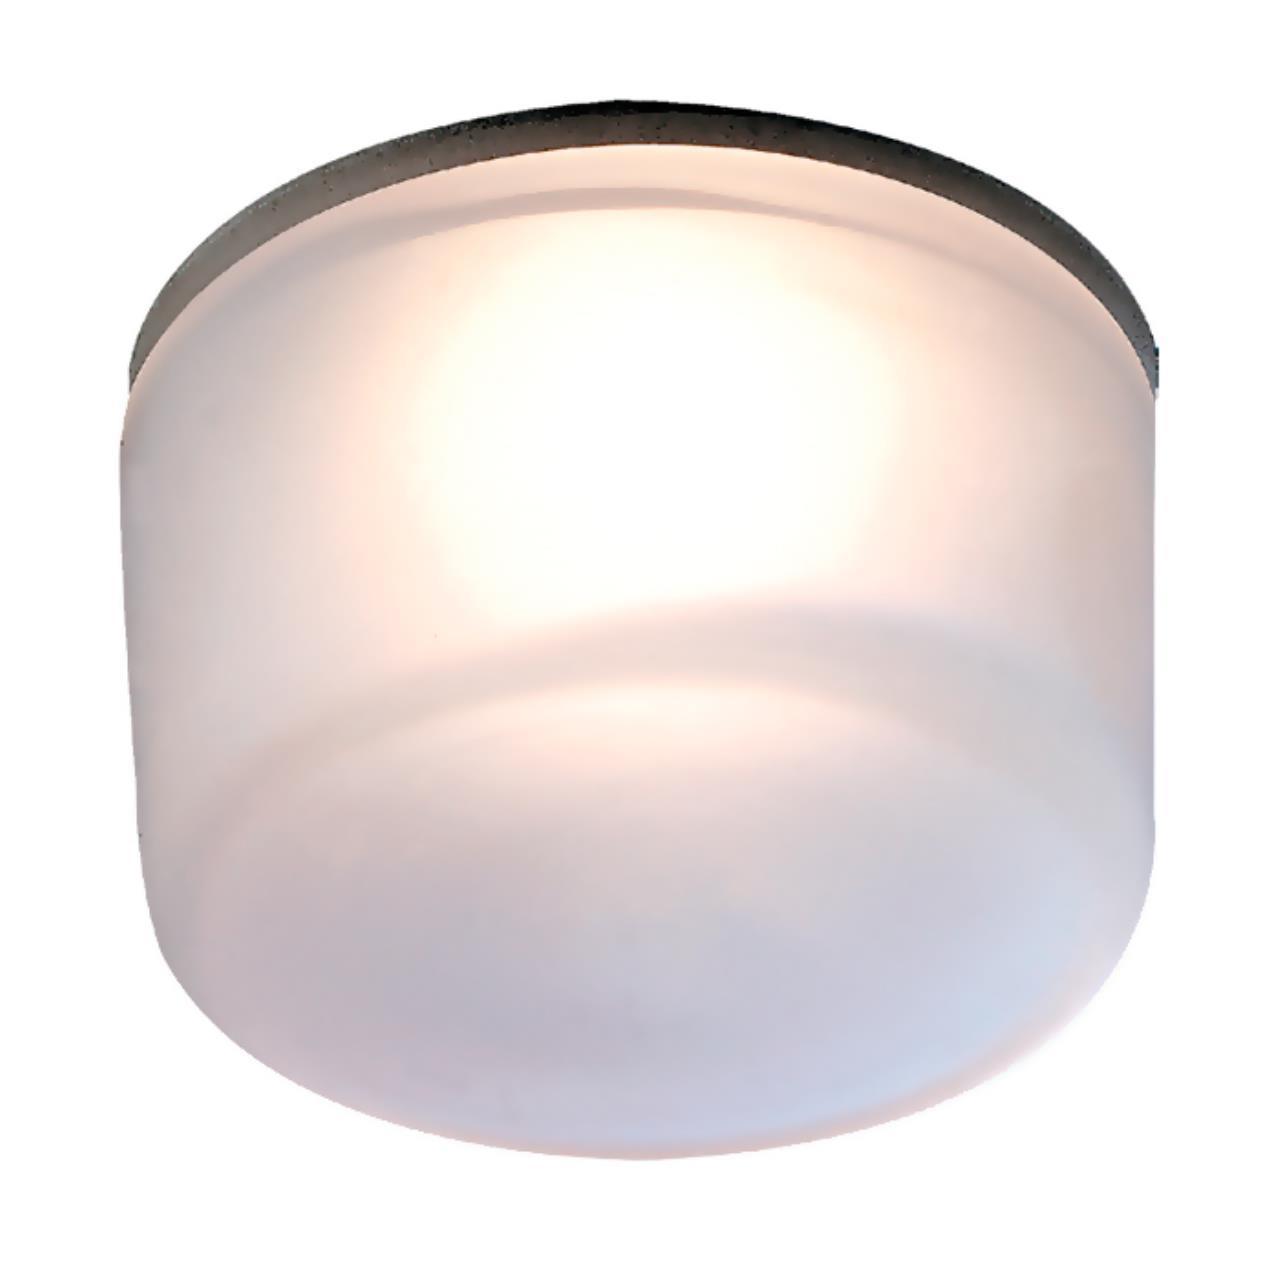 369277 SPOT NT09 138 белый свет Встраиваемый НП светильник IP65 GY6.35 50W 12V AQUA